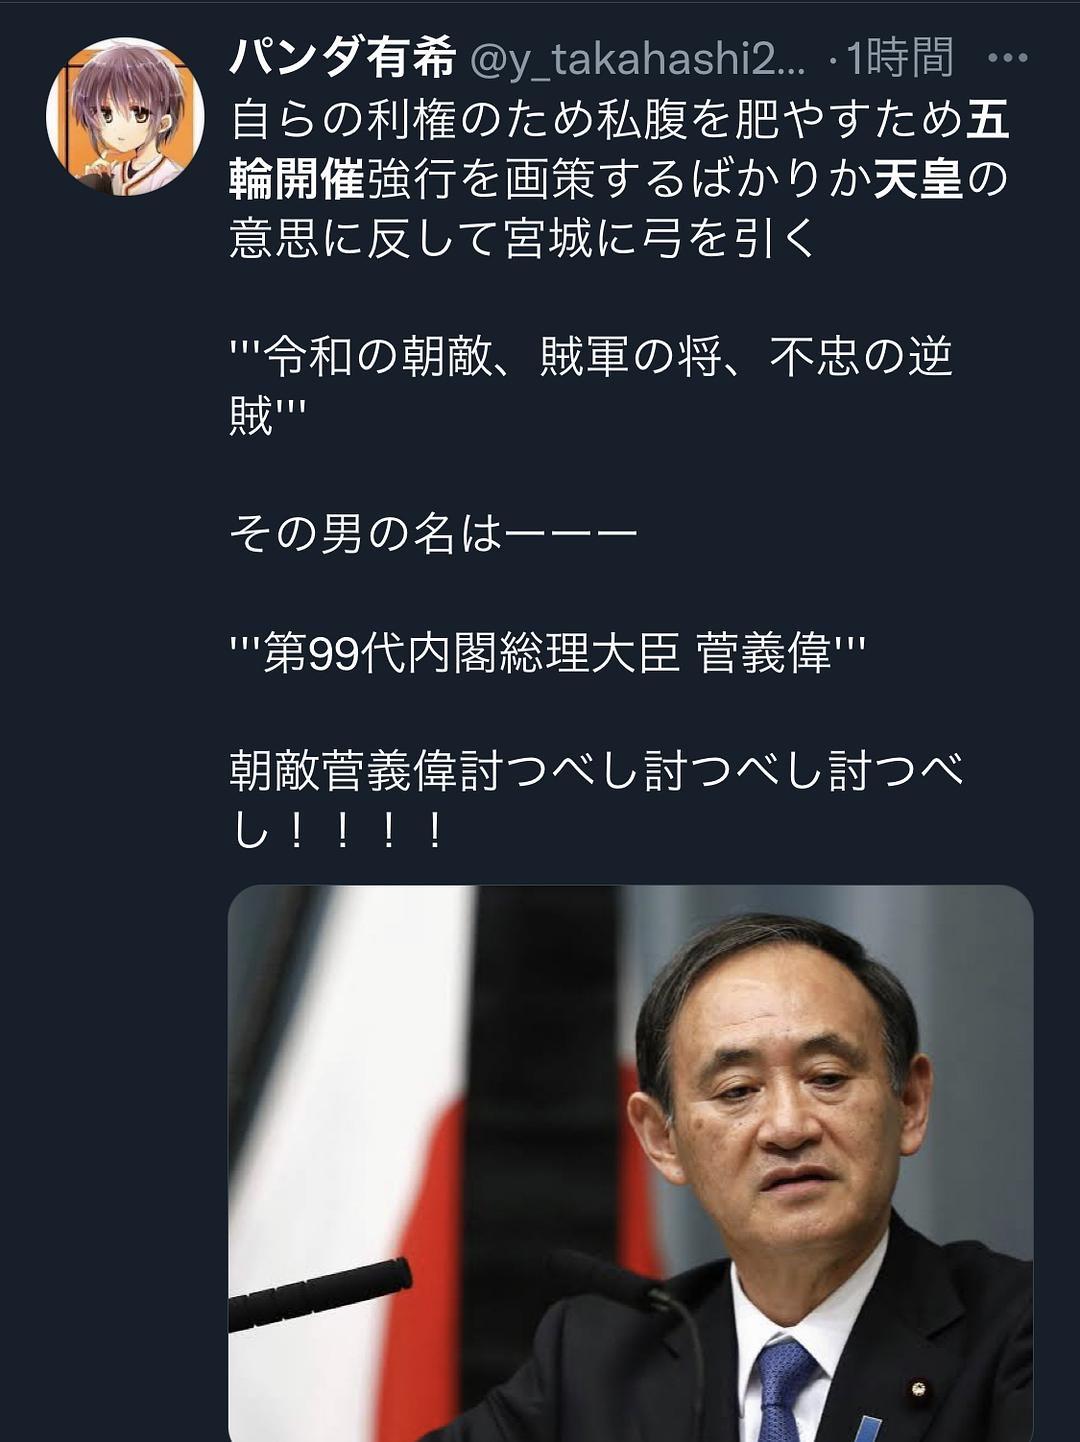 日本网民在社交媒体揶揄首相菅义伟 截图来自社交媒体